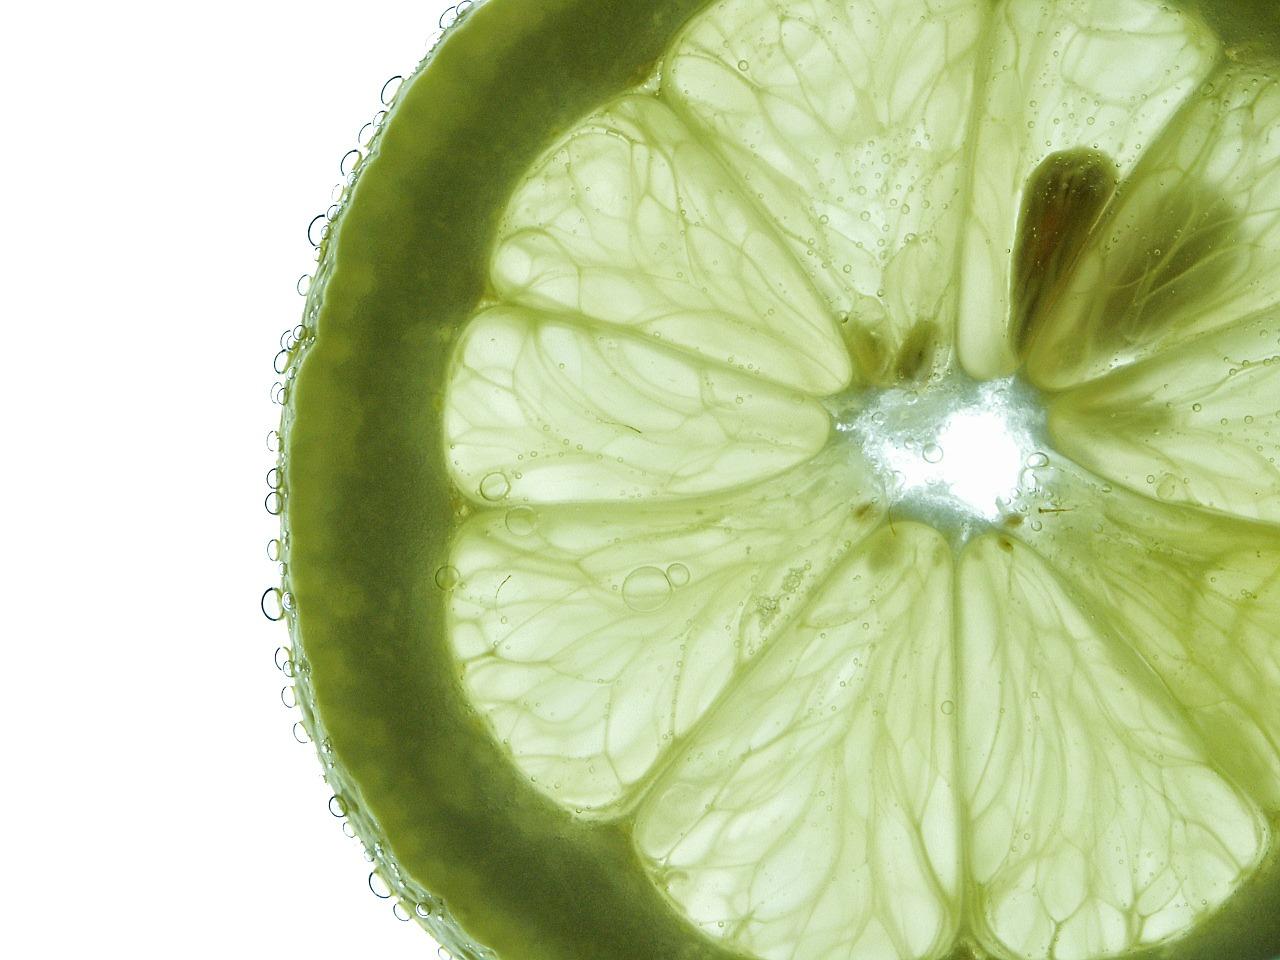 Olio essenziale di limone: proprietà cosmetiche e aromaterapia